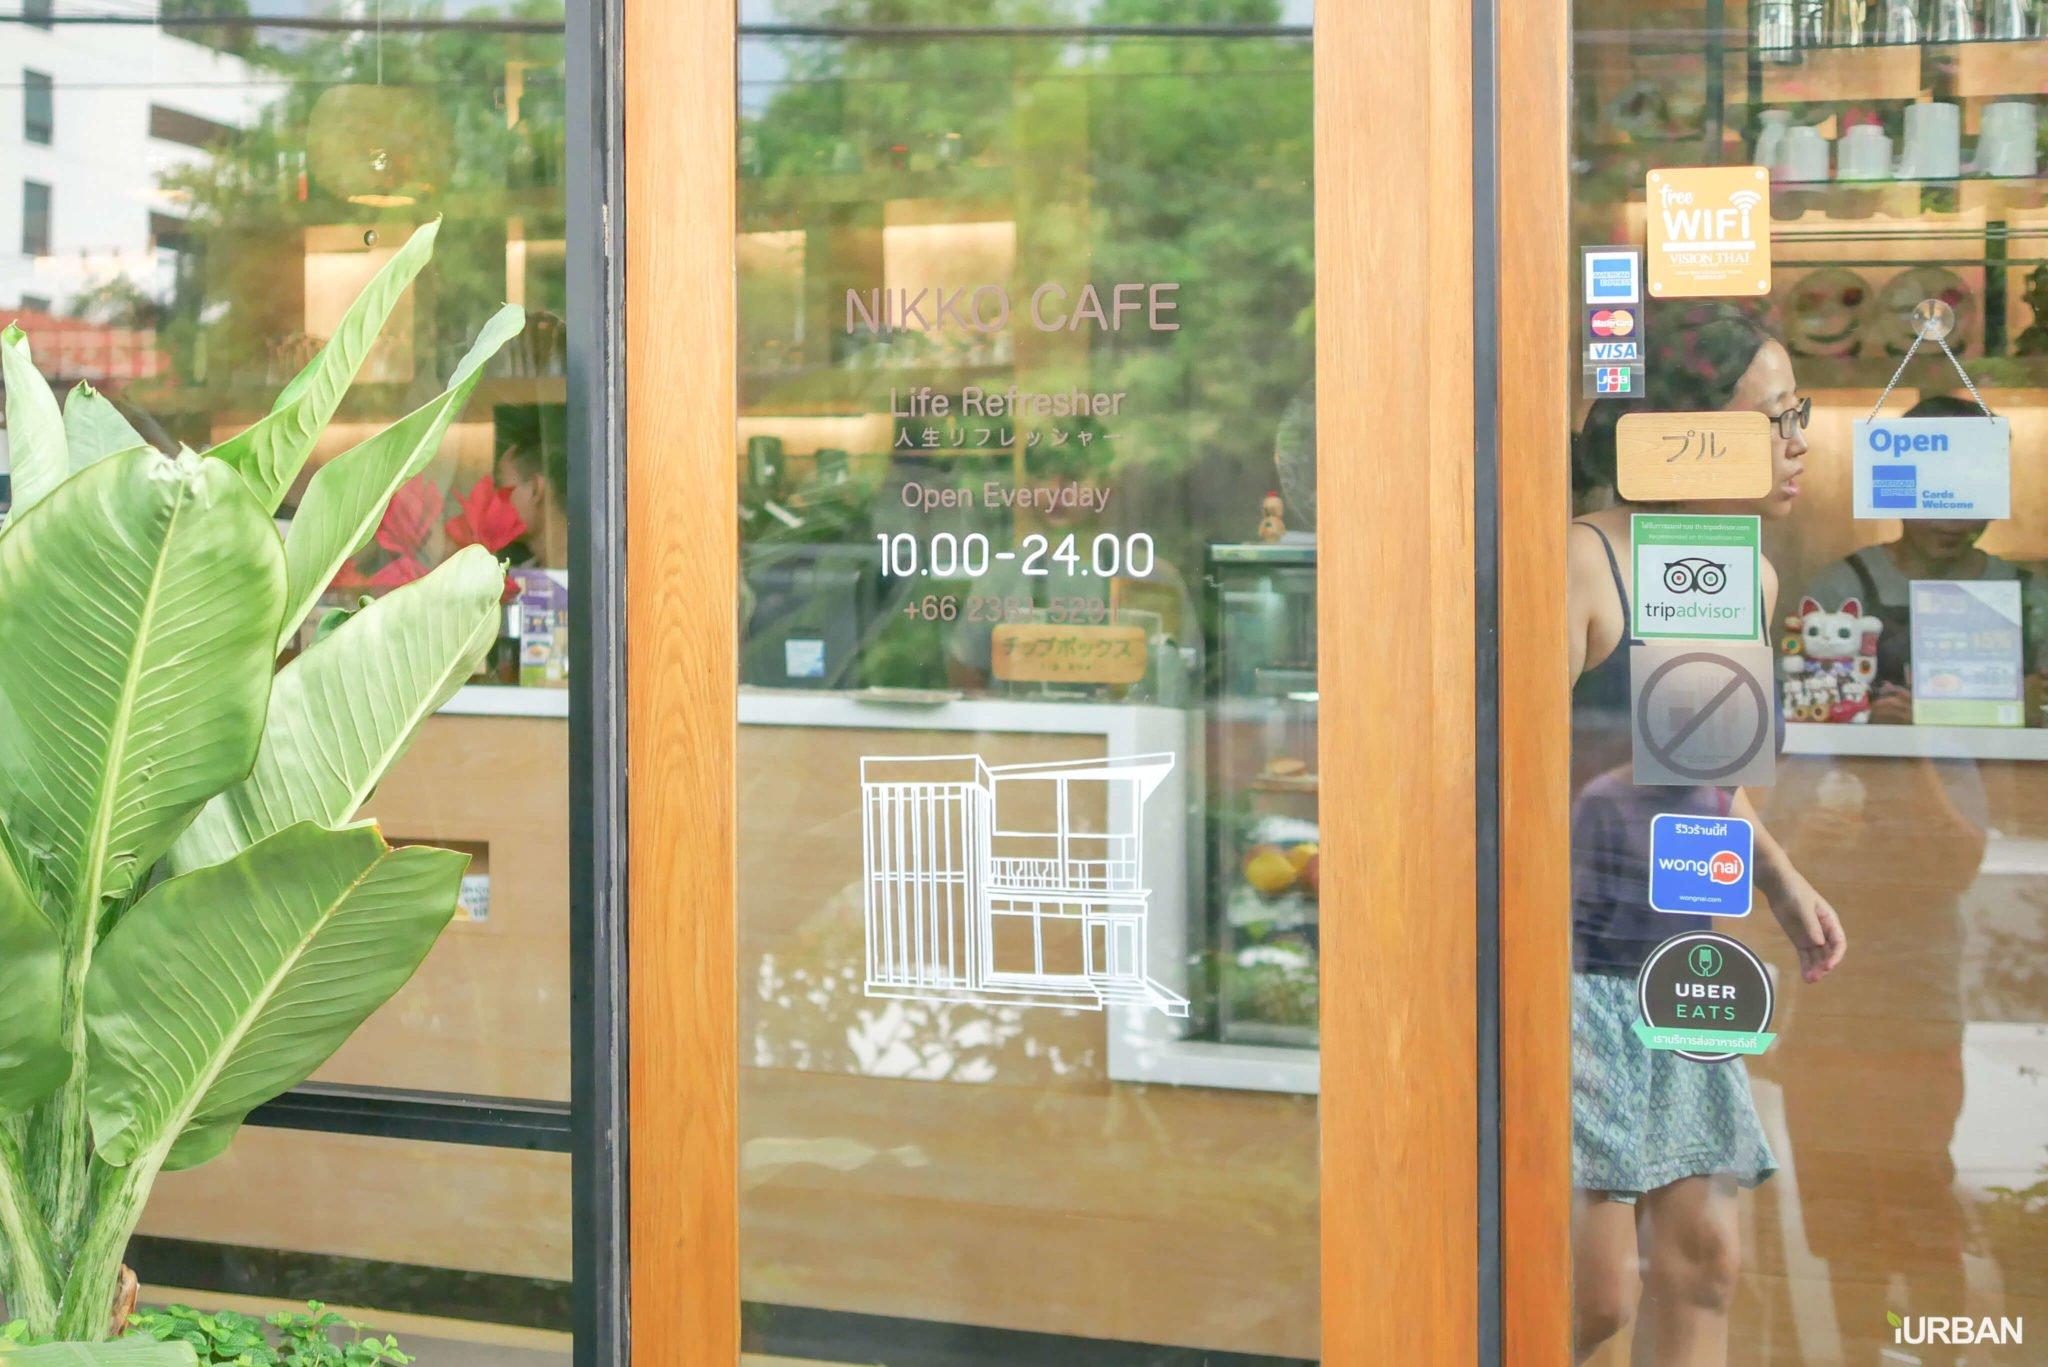 10 ร้านกาแฟ ทองหล่อ - เอกมัย เครื่องดื่มเด็ด บรรยากาศดี 51 - Ananda Development (อนันดา ดีเวลลอปเม้นท์)